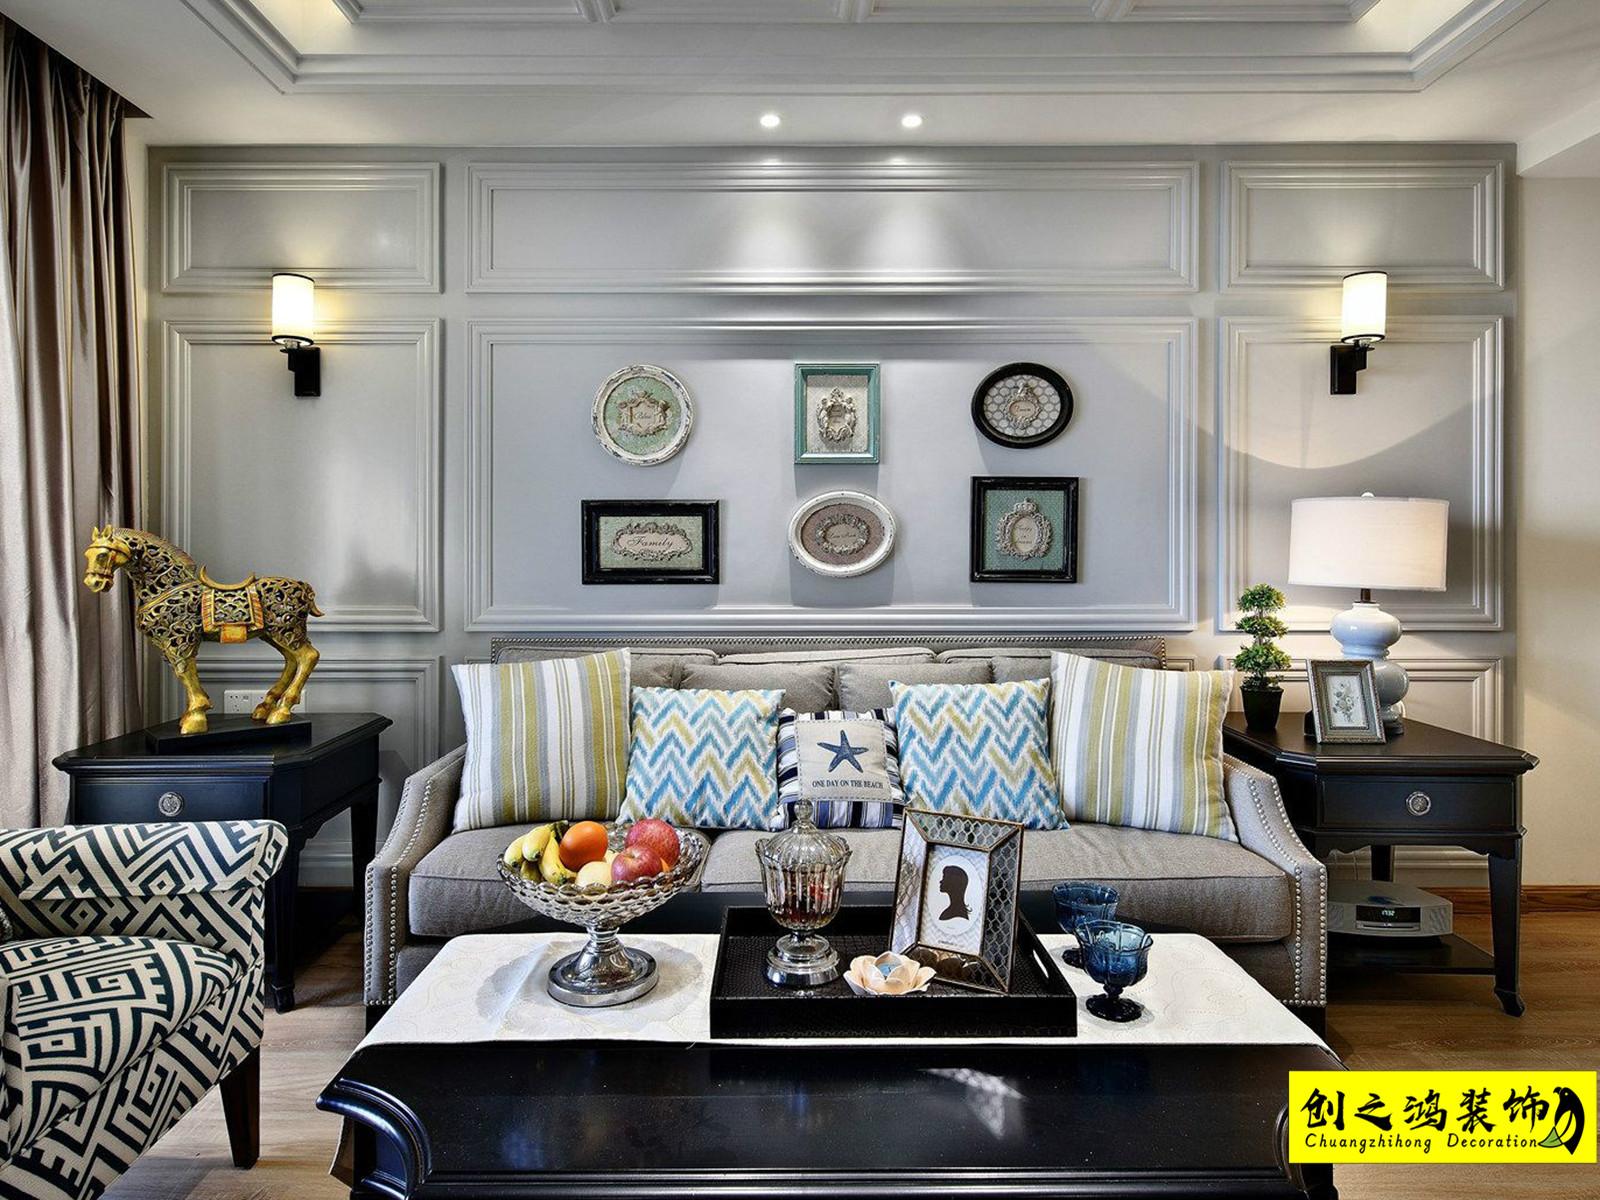 138㎡格调绮园三室两厅美式风格装修效果图